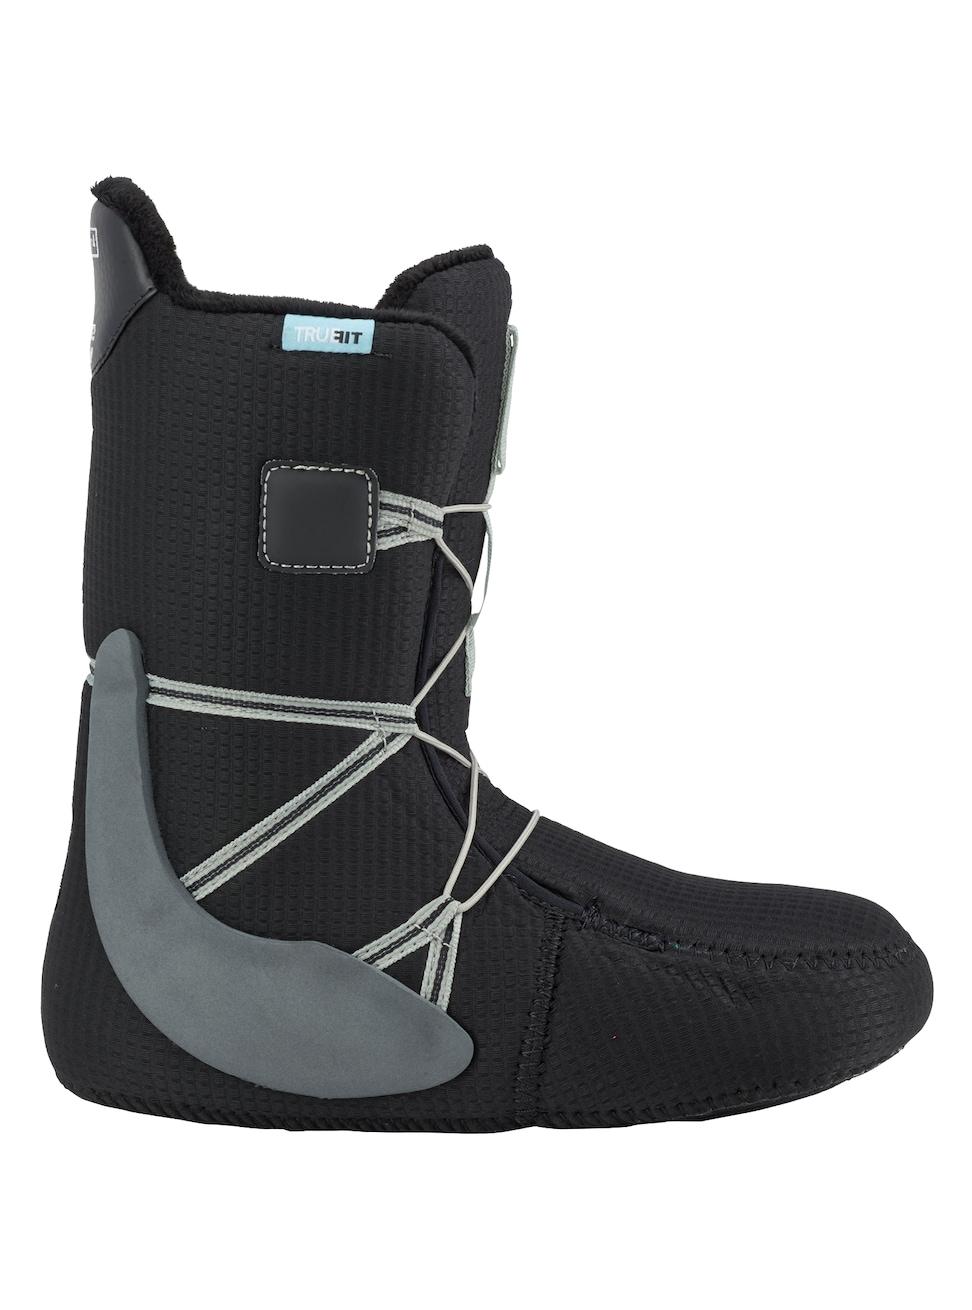 Ботинки Для Сноуборда Burton 2017-18 Mint Black/multi